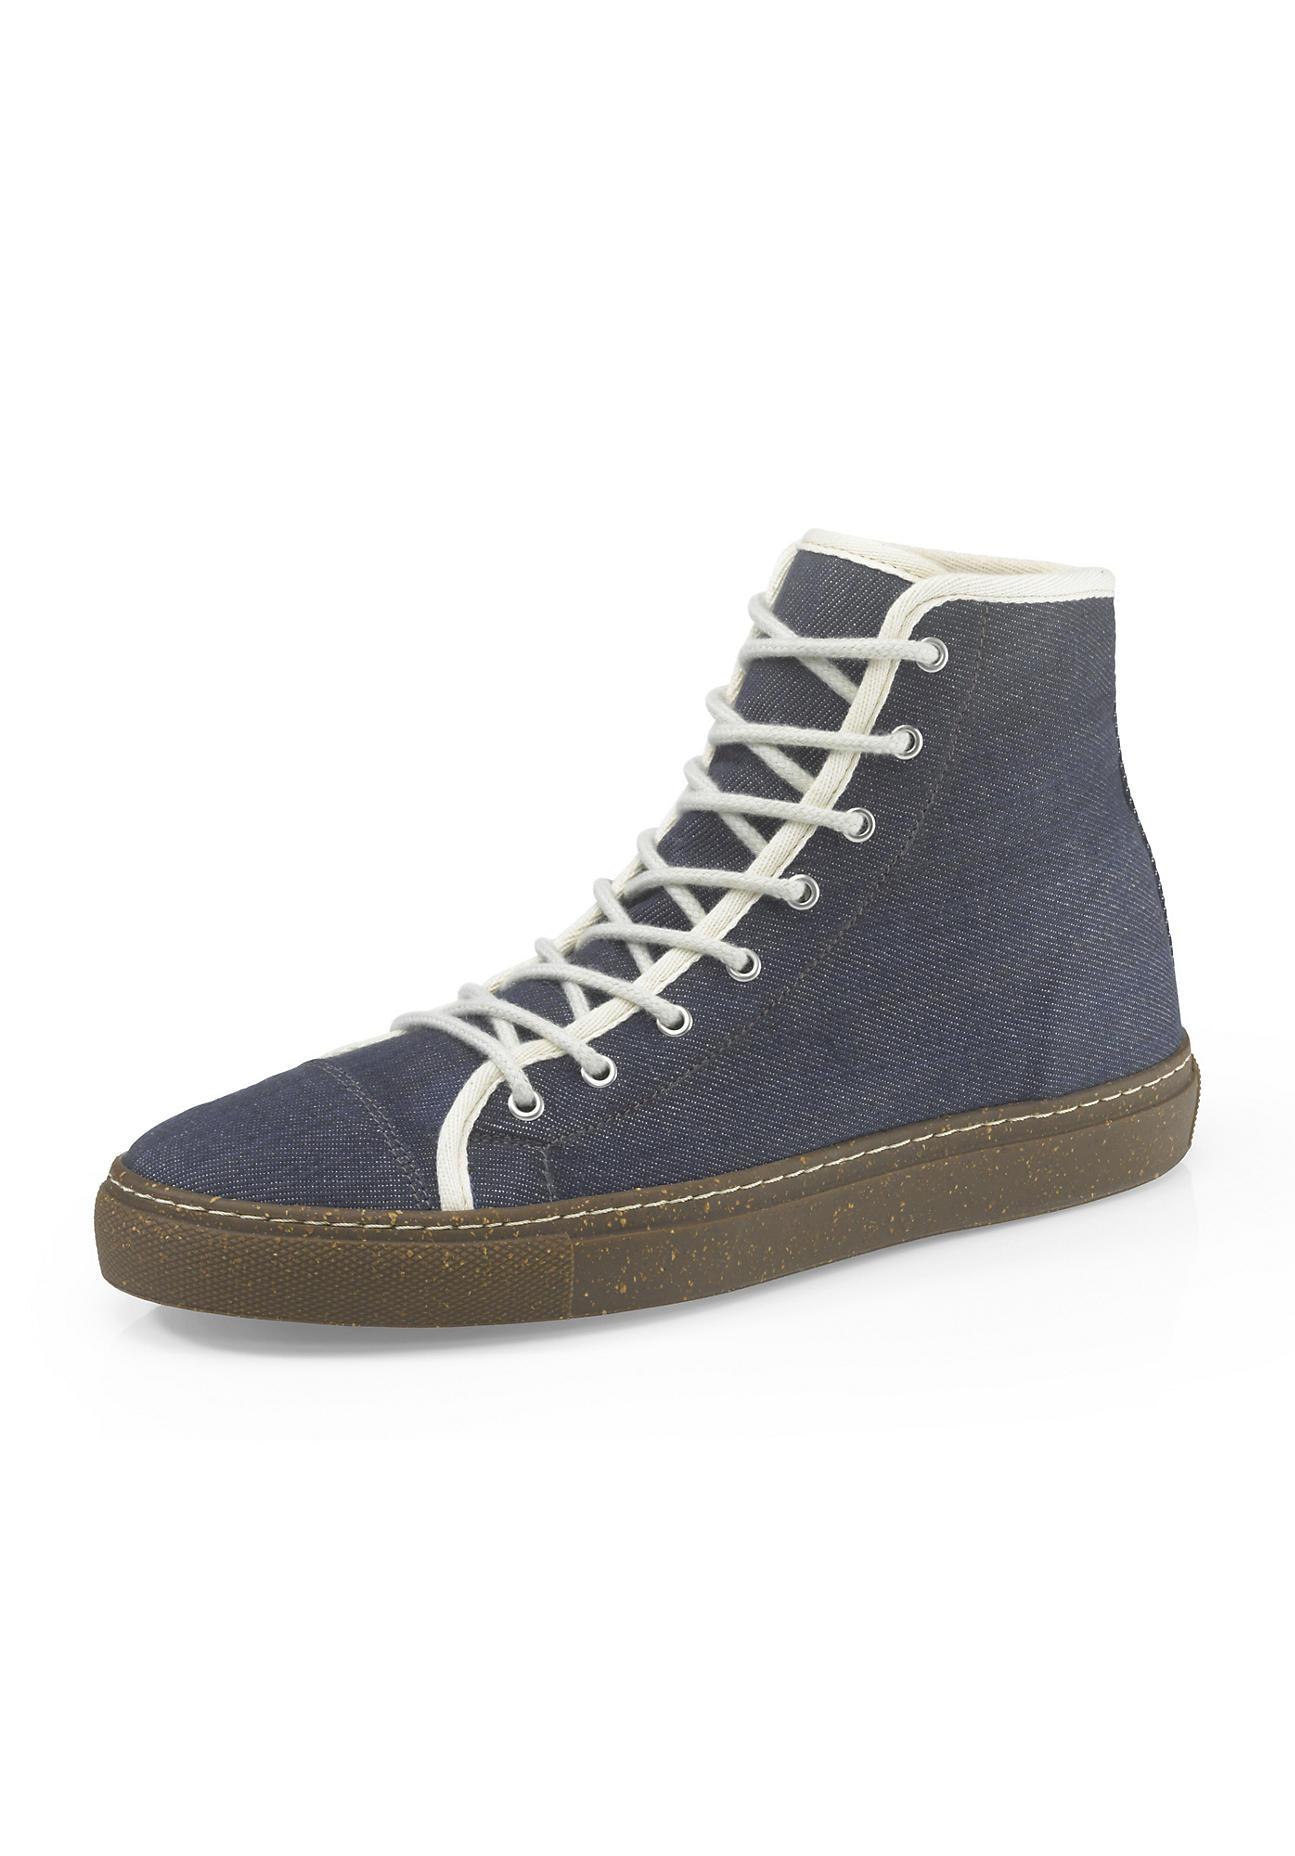 hessnatur Herren Upcycling Sneaker für Ihn aus Bio-Denim und Naturkautschuk – blau – Größe 41